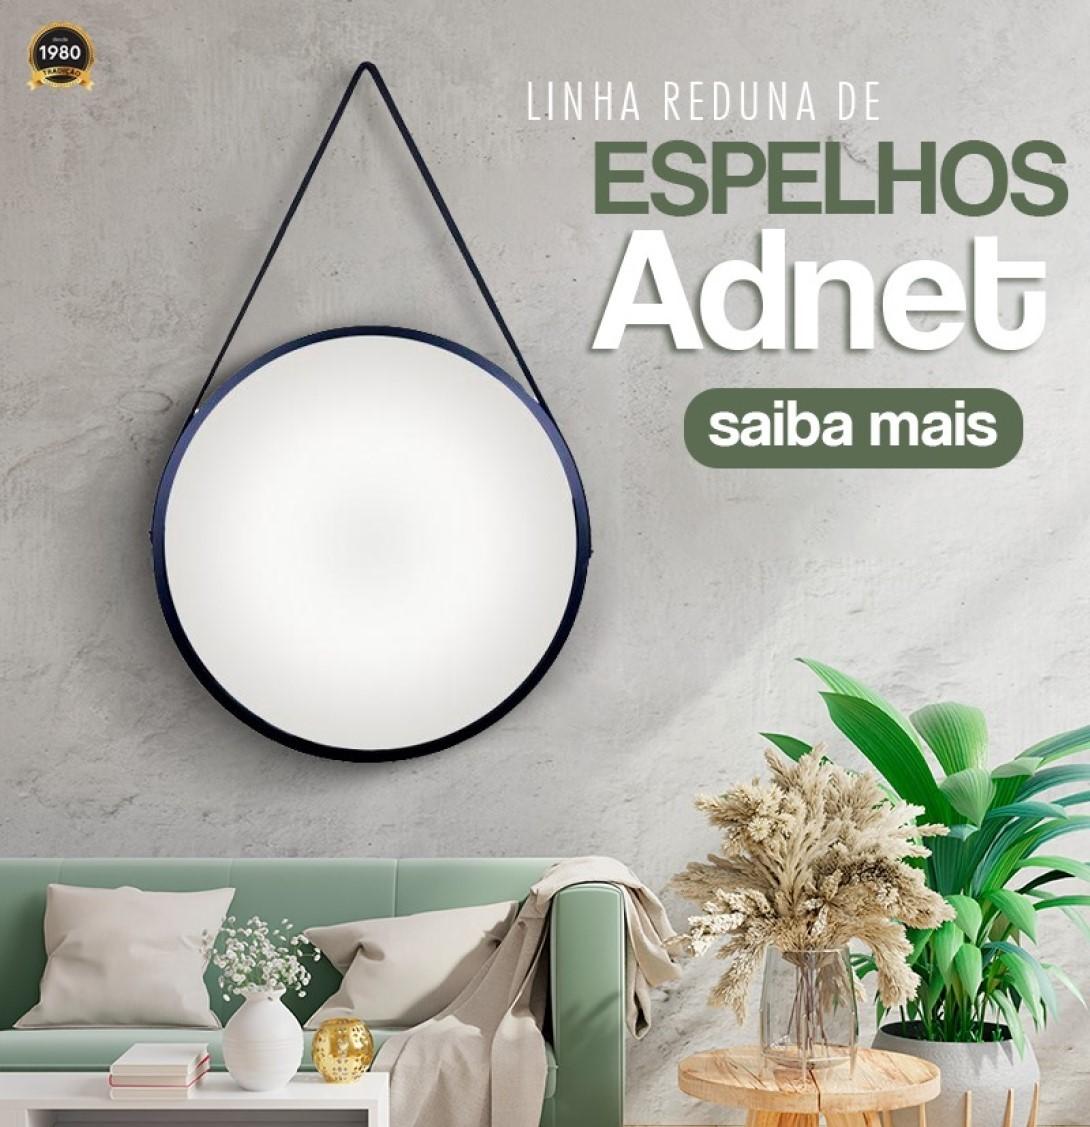 Espelho Adnet 50cm premium Preto Com Alça Preta